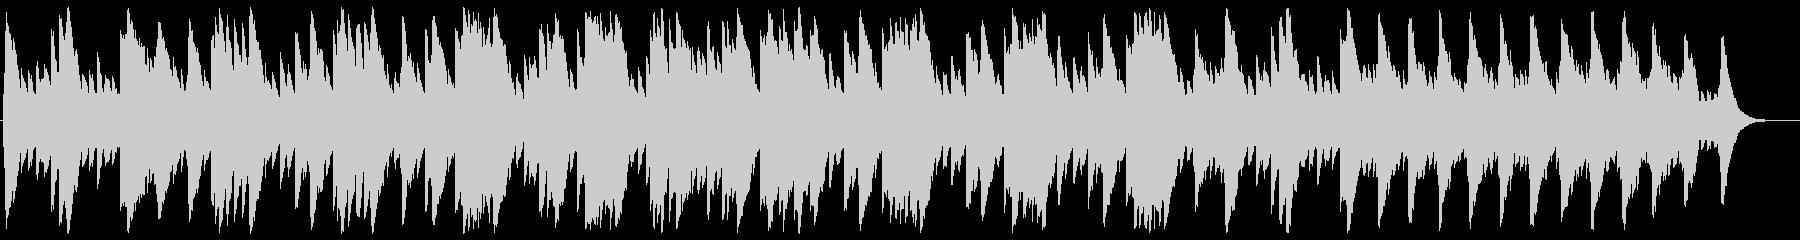 アベマリア(シューベルト)の未再生の波形